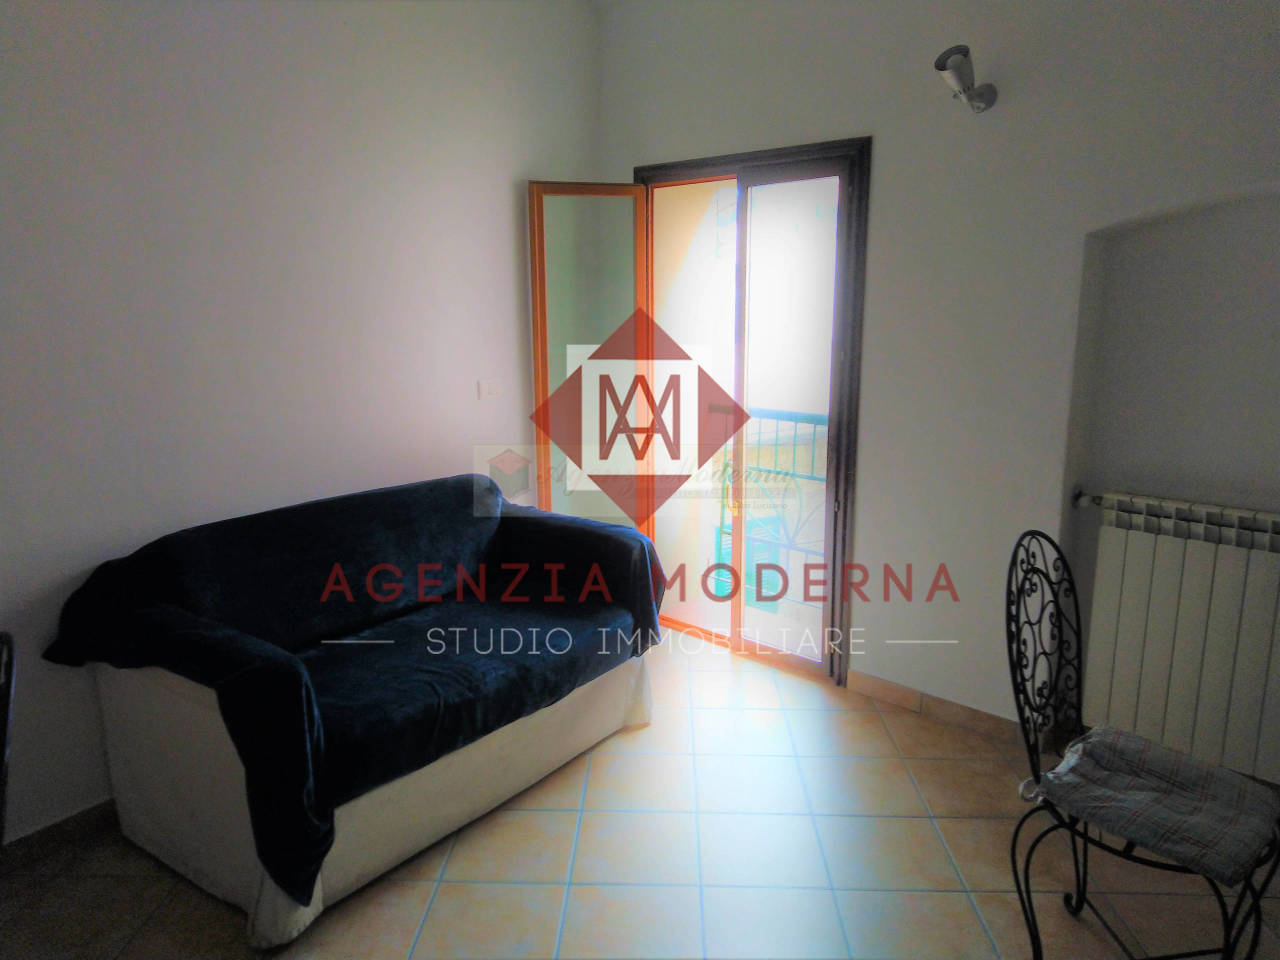 Appartamento in vendita a Ventimiglia, 3 locali, prezzo € 95.000 | PortaleAgenzieImmobiliari.it